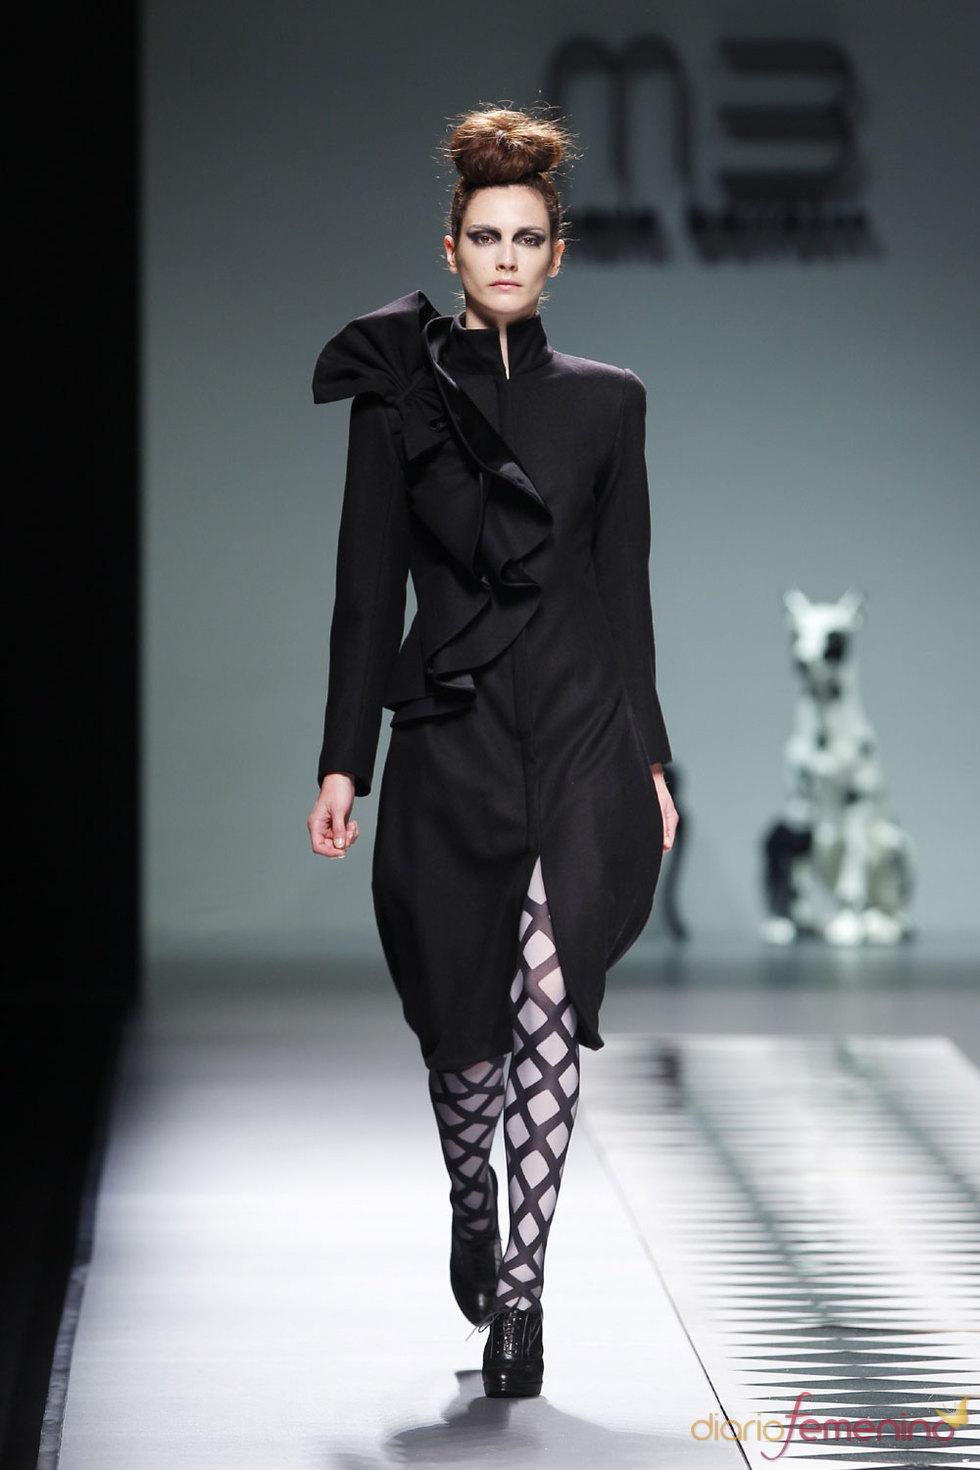 María Barros - Moda Femenina Noche - Moda 2010-2011